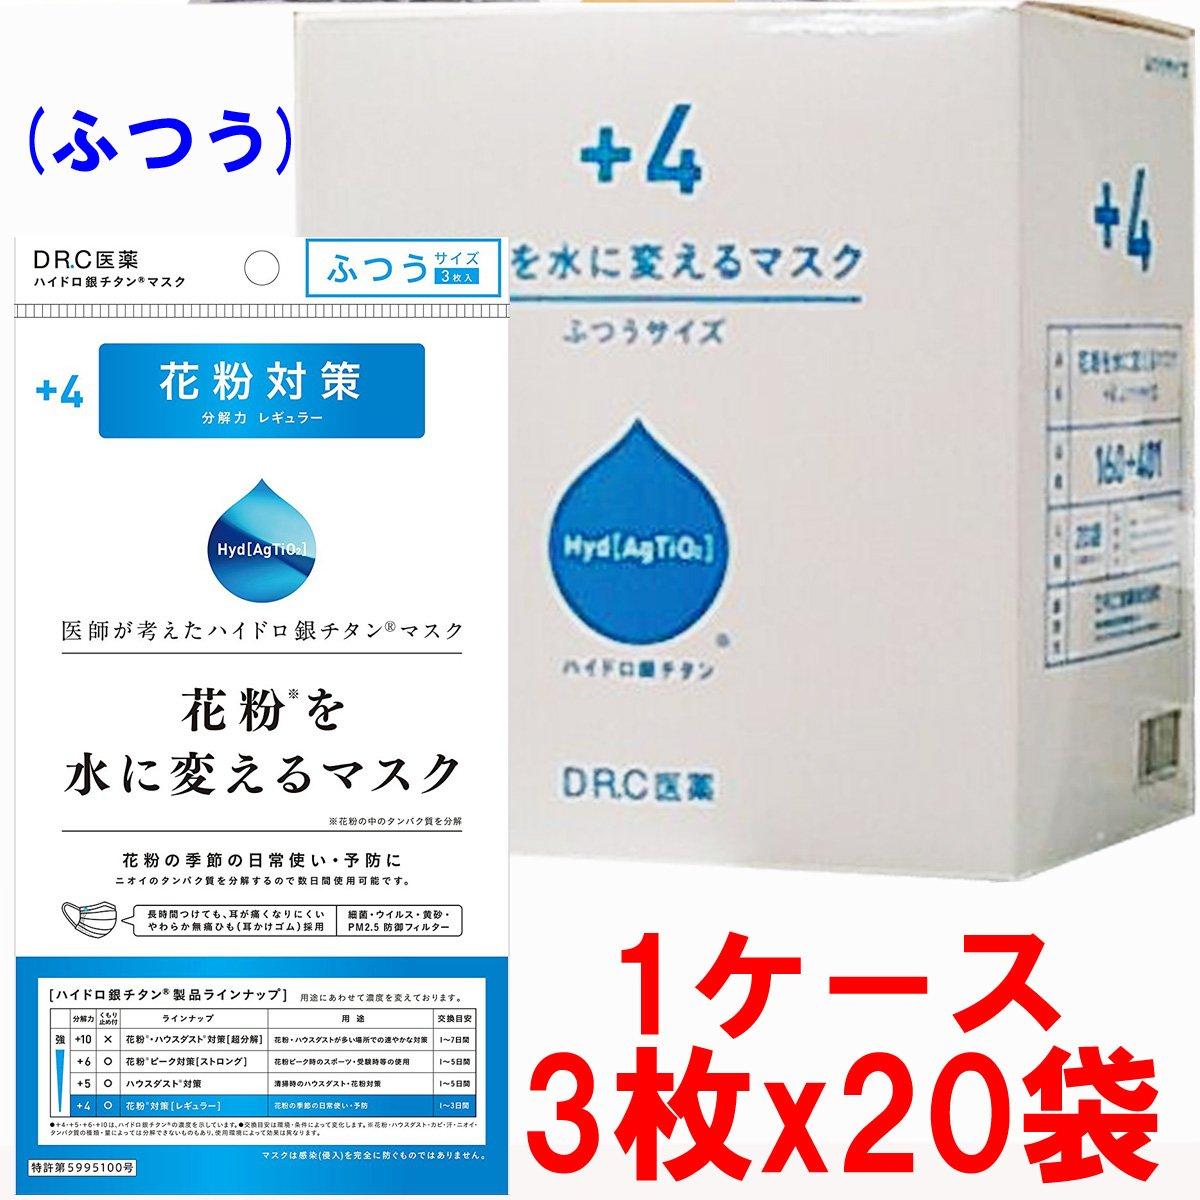 【3枚x20個】DR.C 花粉を水に変えるマスク ハイドロ銀チタンマスク 花粉対策 +4 ふつうサイズ 3枚入×20個(4573407430207-20) B07B9T68SS